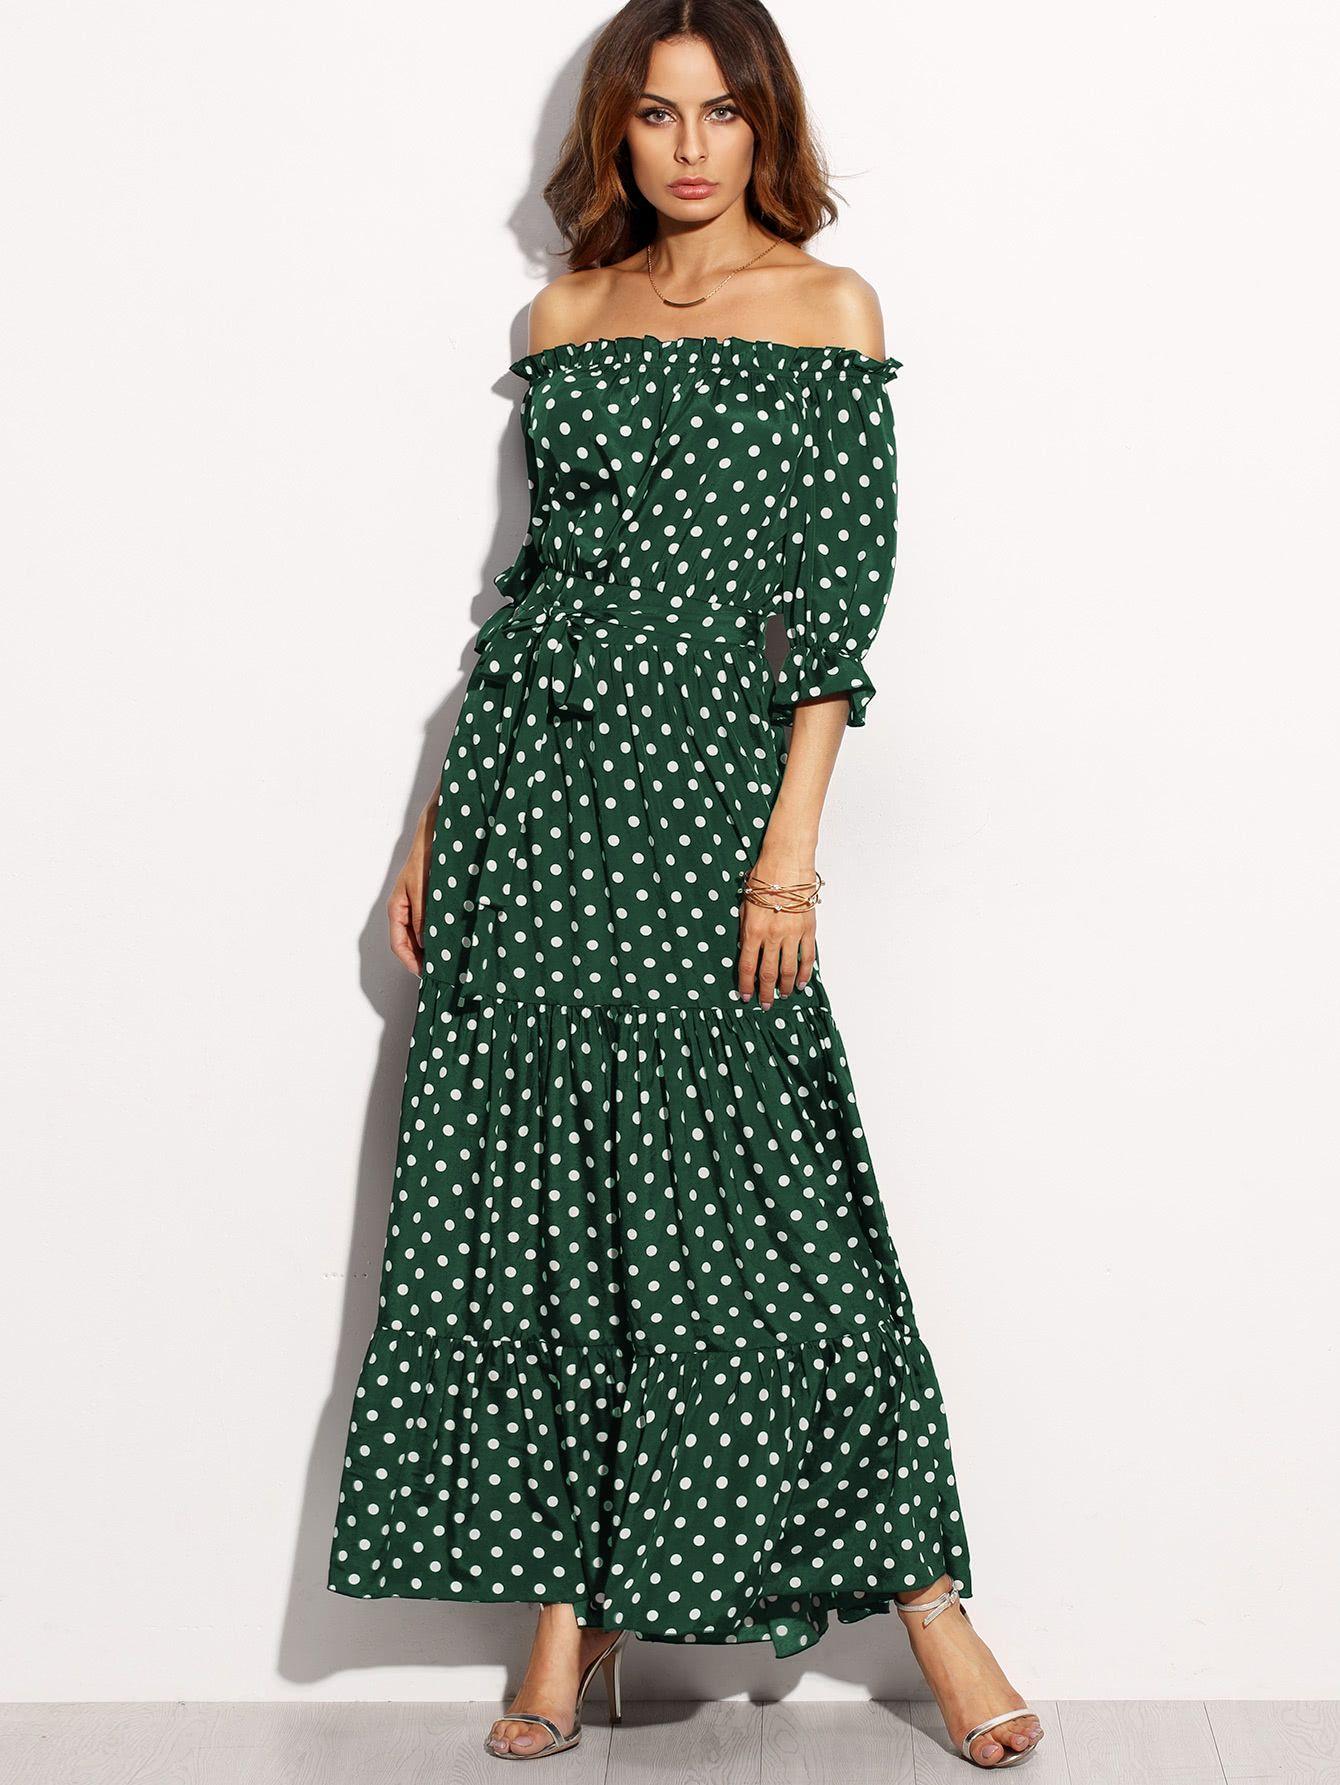 Explorez Haute Couture, Robe Ceinturée et plus encore !